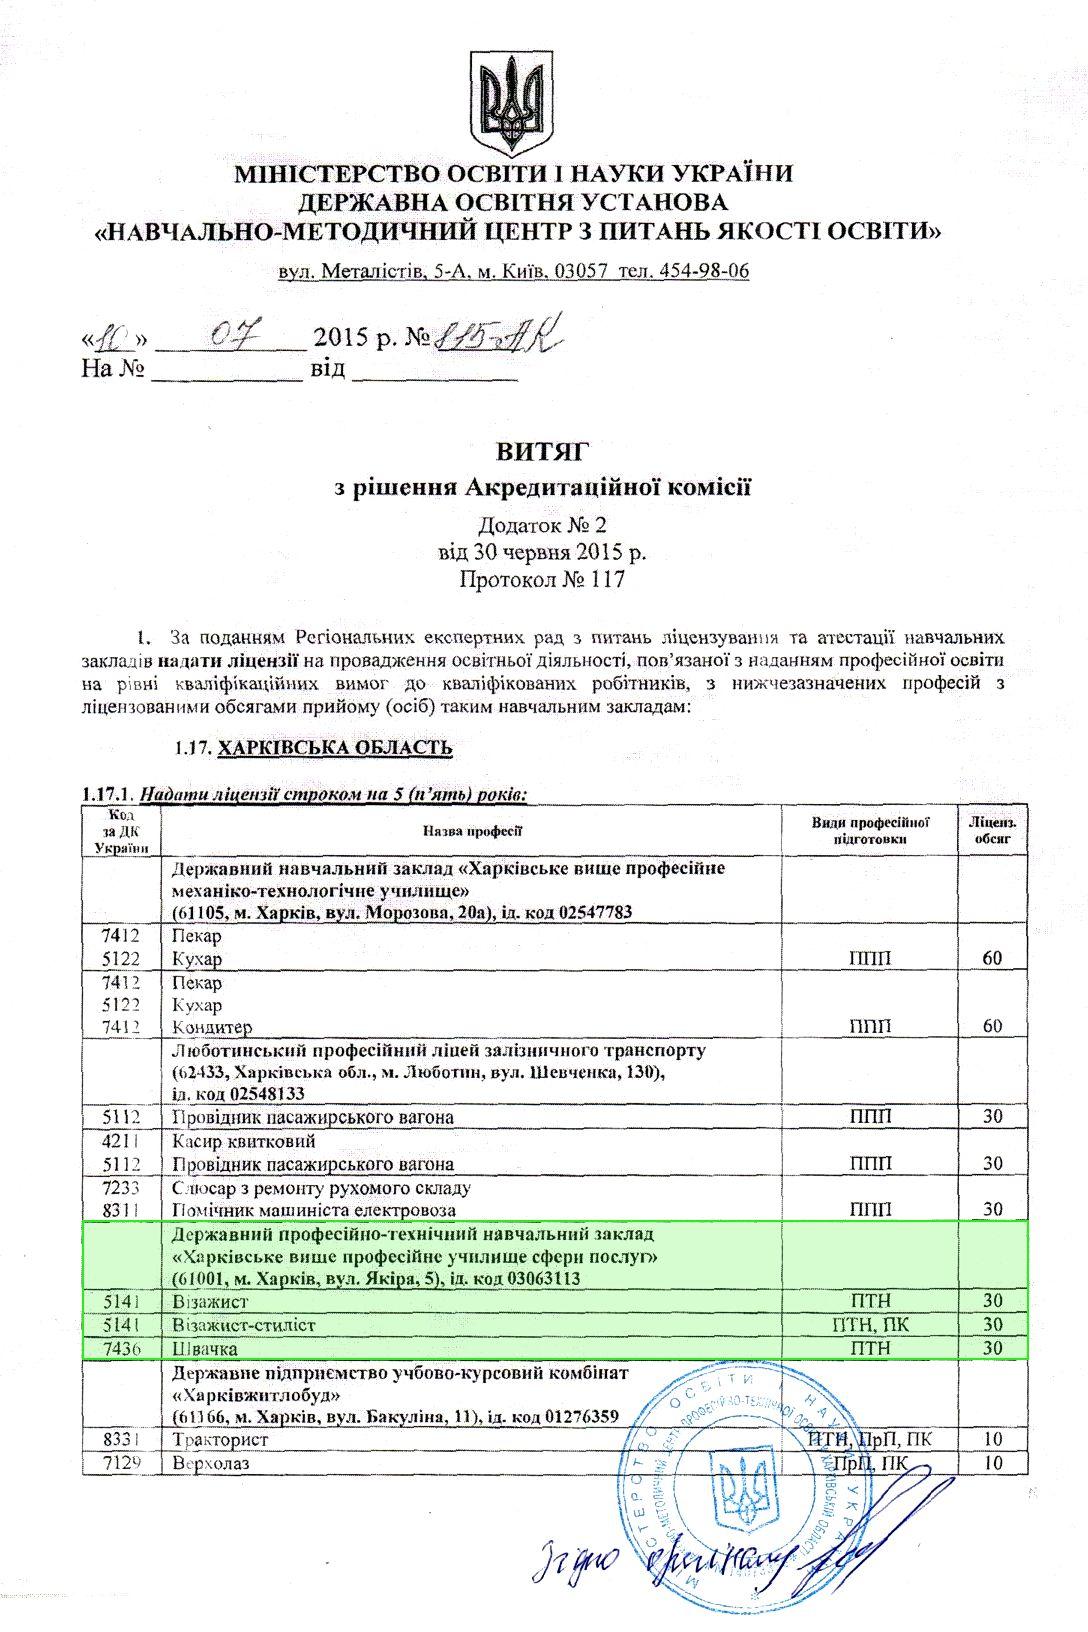 Витяг з рішення Акредитаційної комісії від 30.06.2015_1